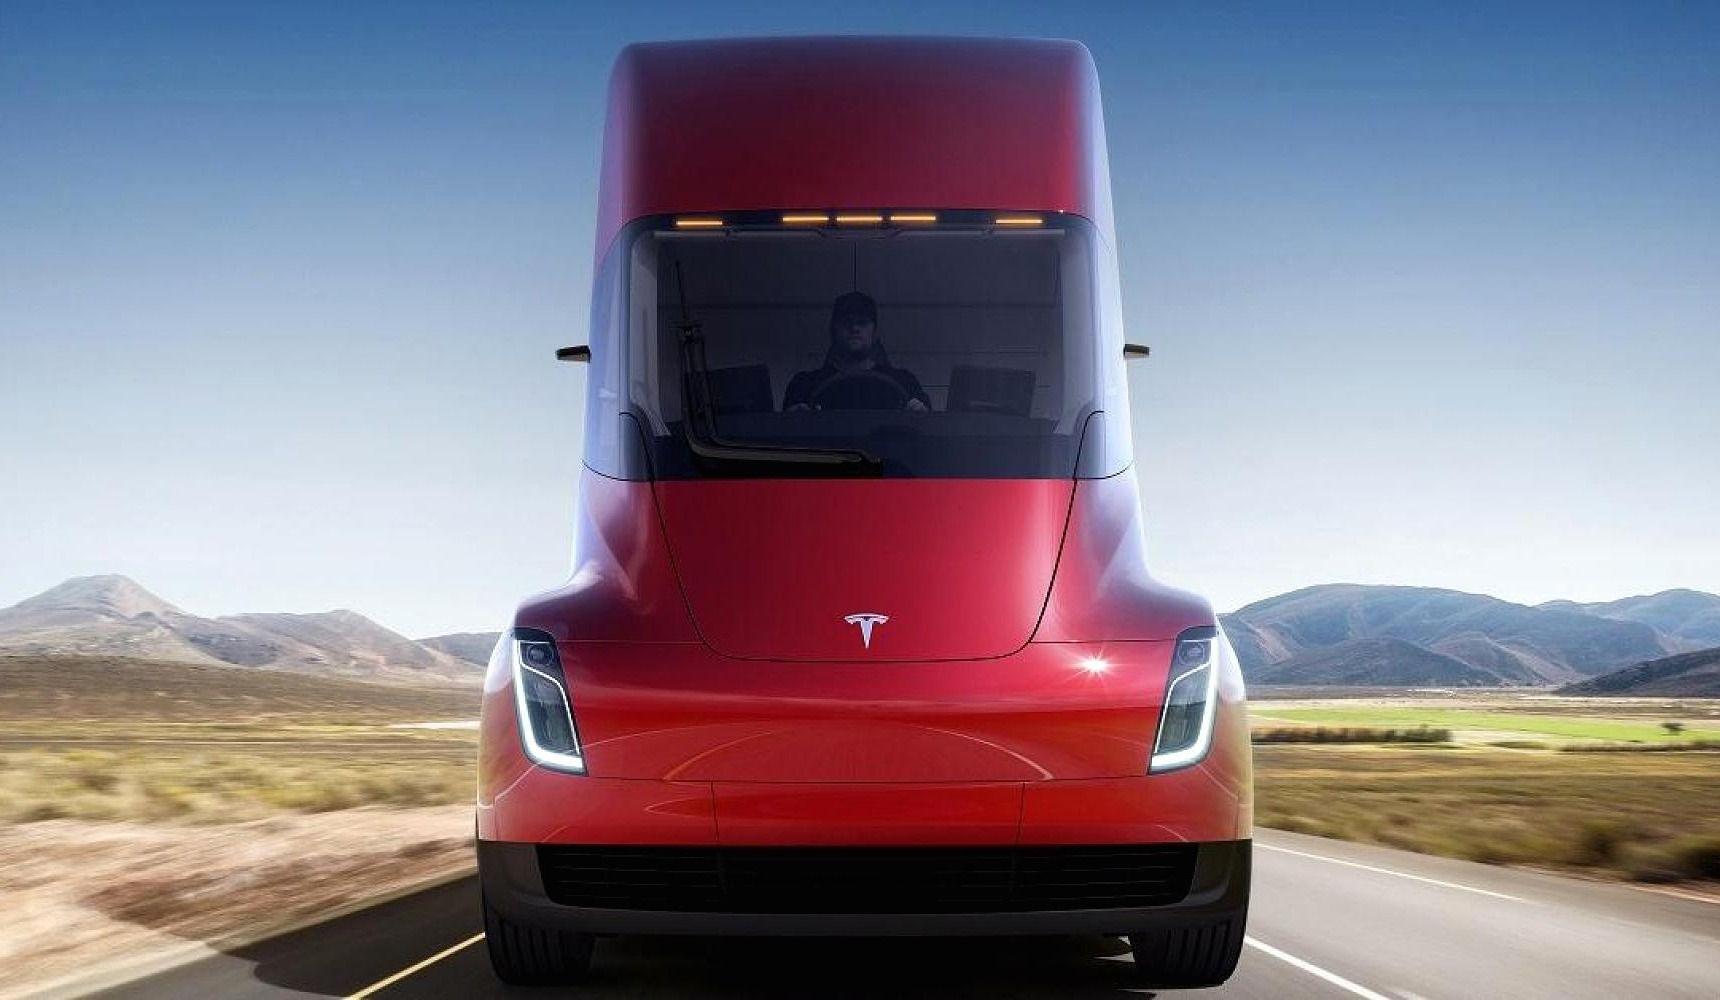 Une entreprise montréalaise commande 4 camions Tesla